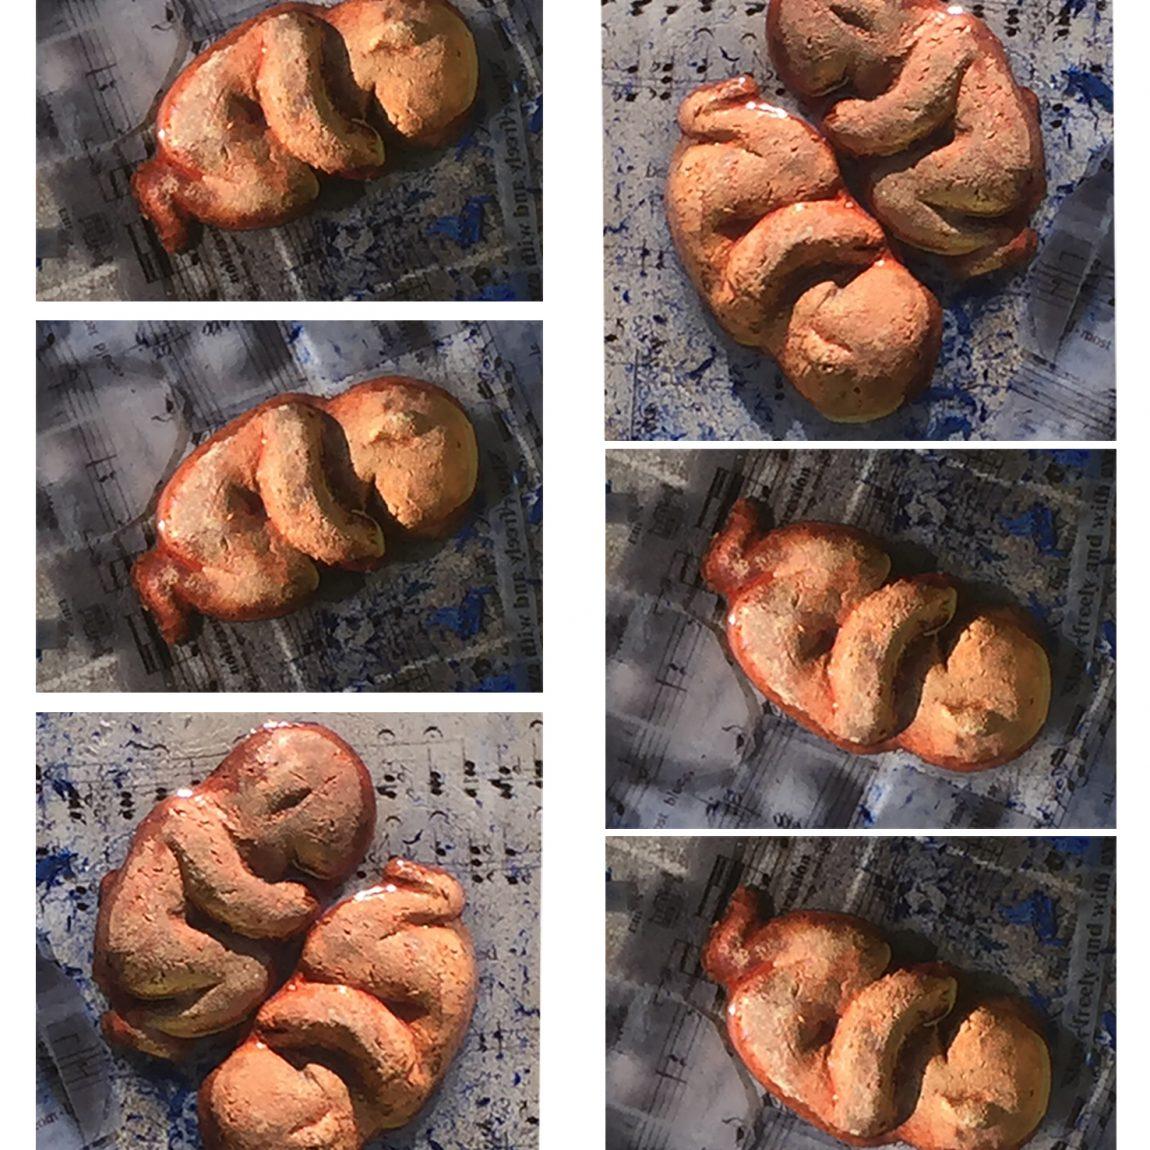 HURİ AYKUT- Eser Adı : Hayat Veren Teknik: Art Print 10/1  Ölçü: 25 x 30 cm  Fiyat : 590 TL